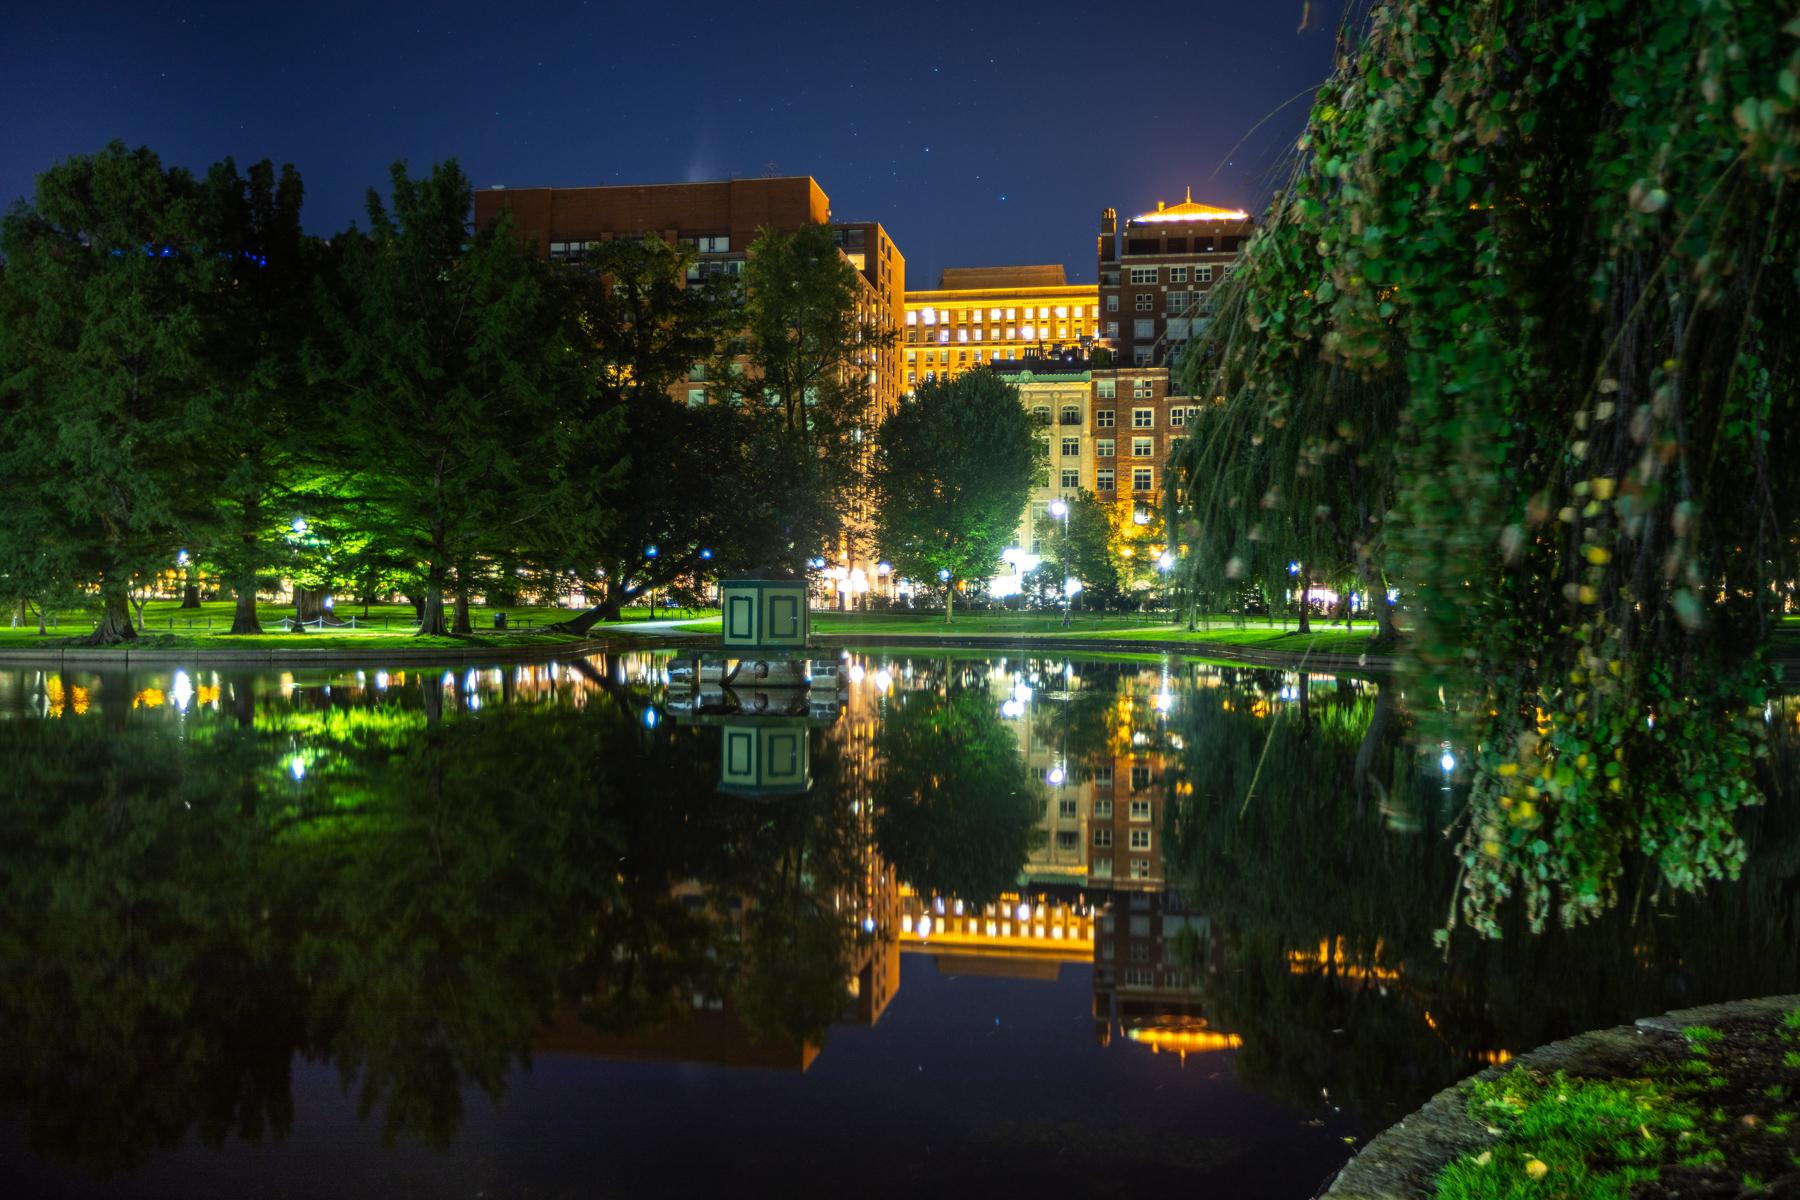 Reflections Boston Public Garden Blue hour, USA